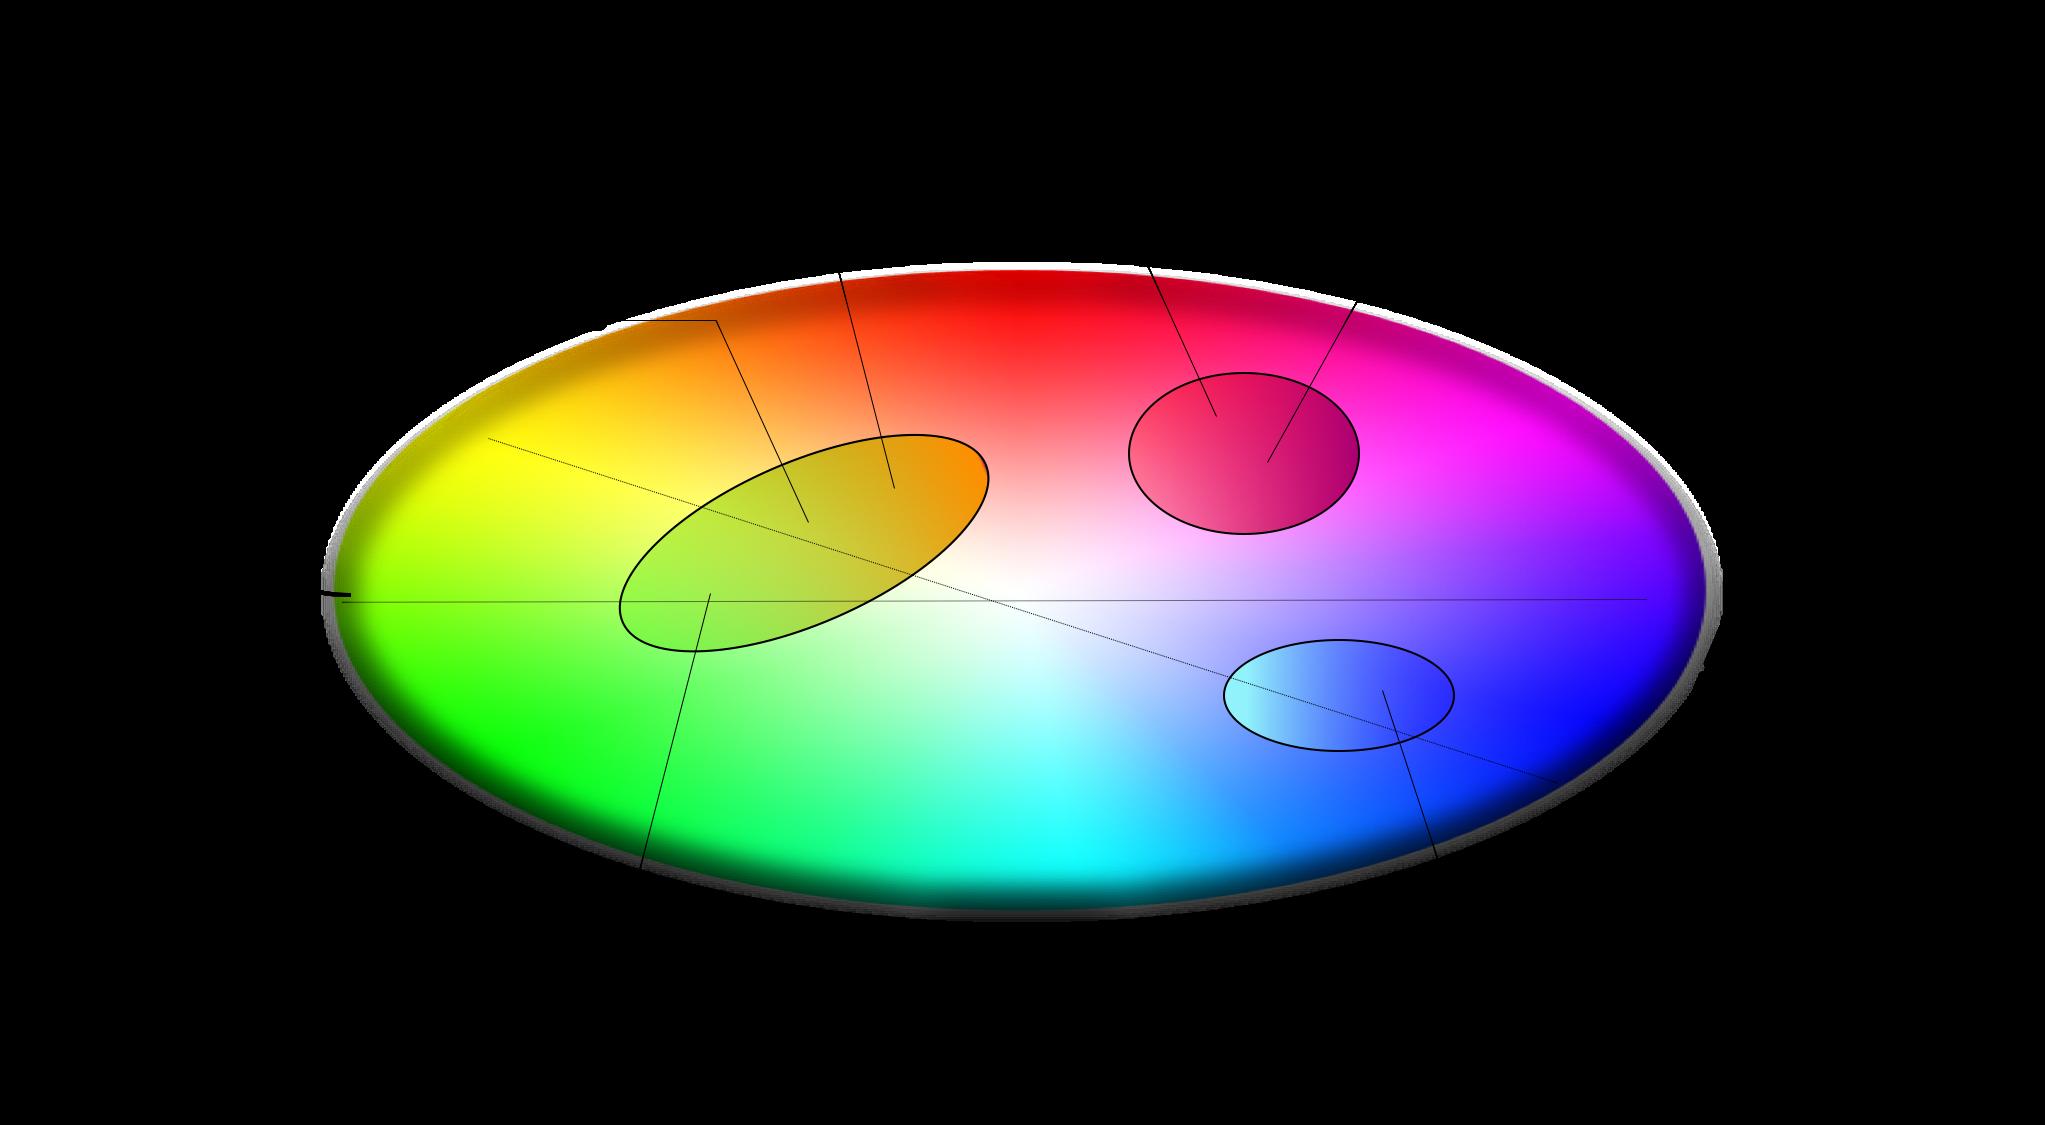 Hörbarer Marken-Charakter. - Durch unseren AUDIO DNA Algorithmus haben wir den emotionalen Markencharakter der Marke Mike Süsser klar erhoben und übersetzt. Zusätzlich haben wir wissenschaftlich gestützte Kundenumfragen als Validierung der Algorithmus-Ergebnisse eingesetzt.(Abbildung zeigt Auszug)